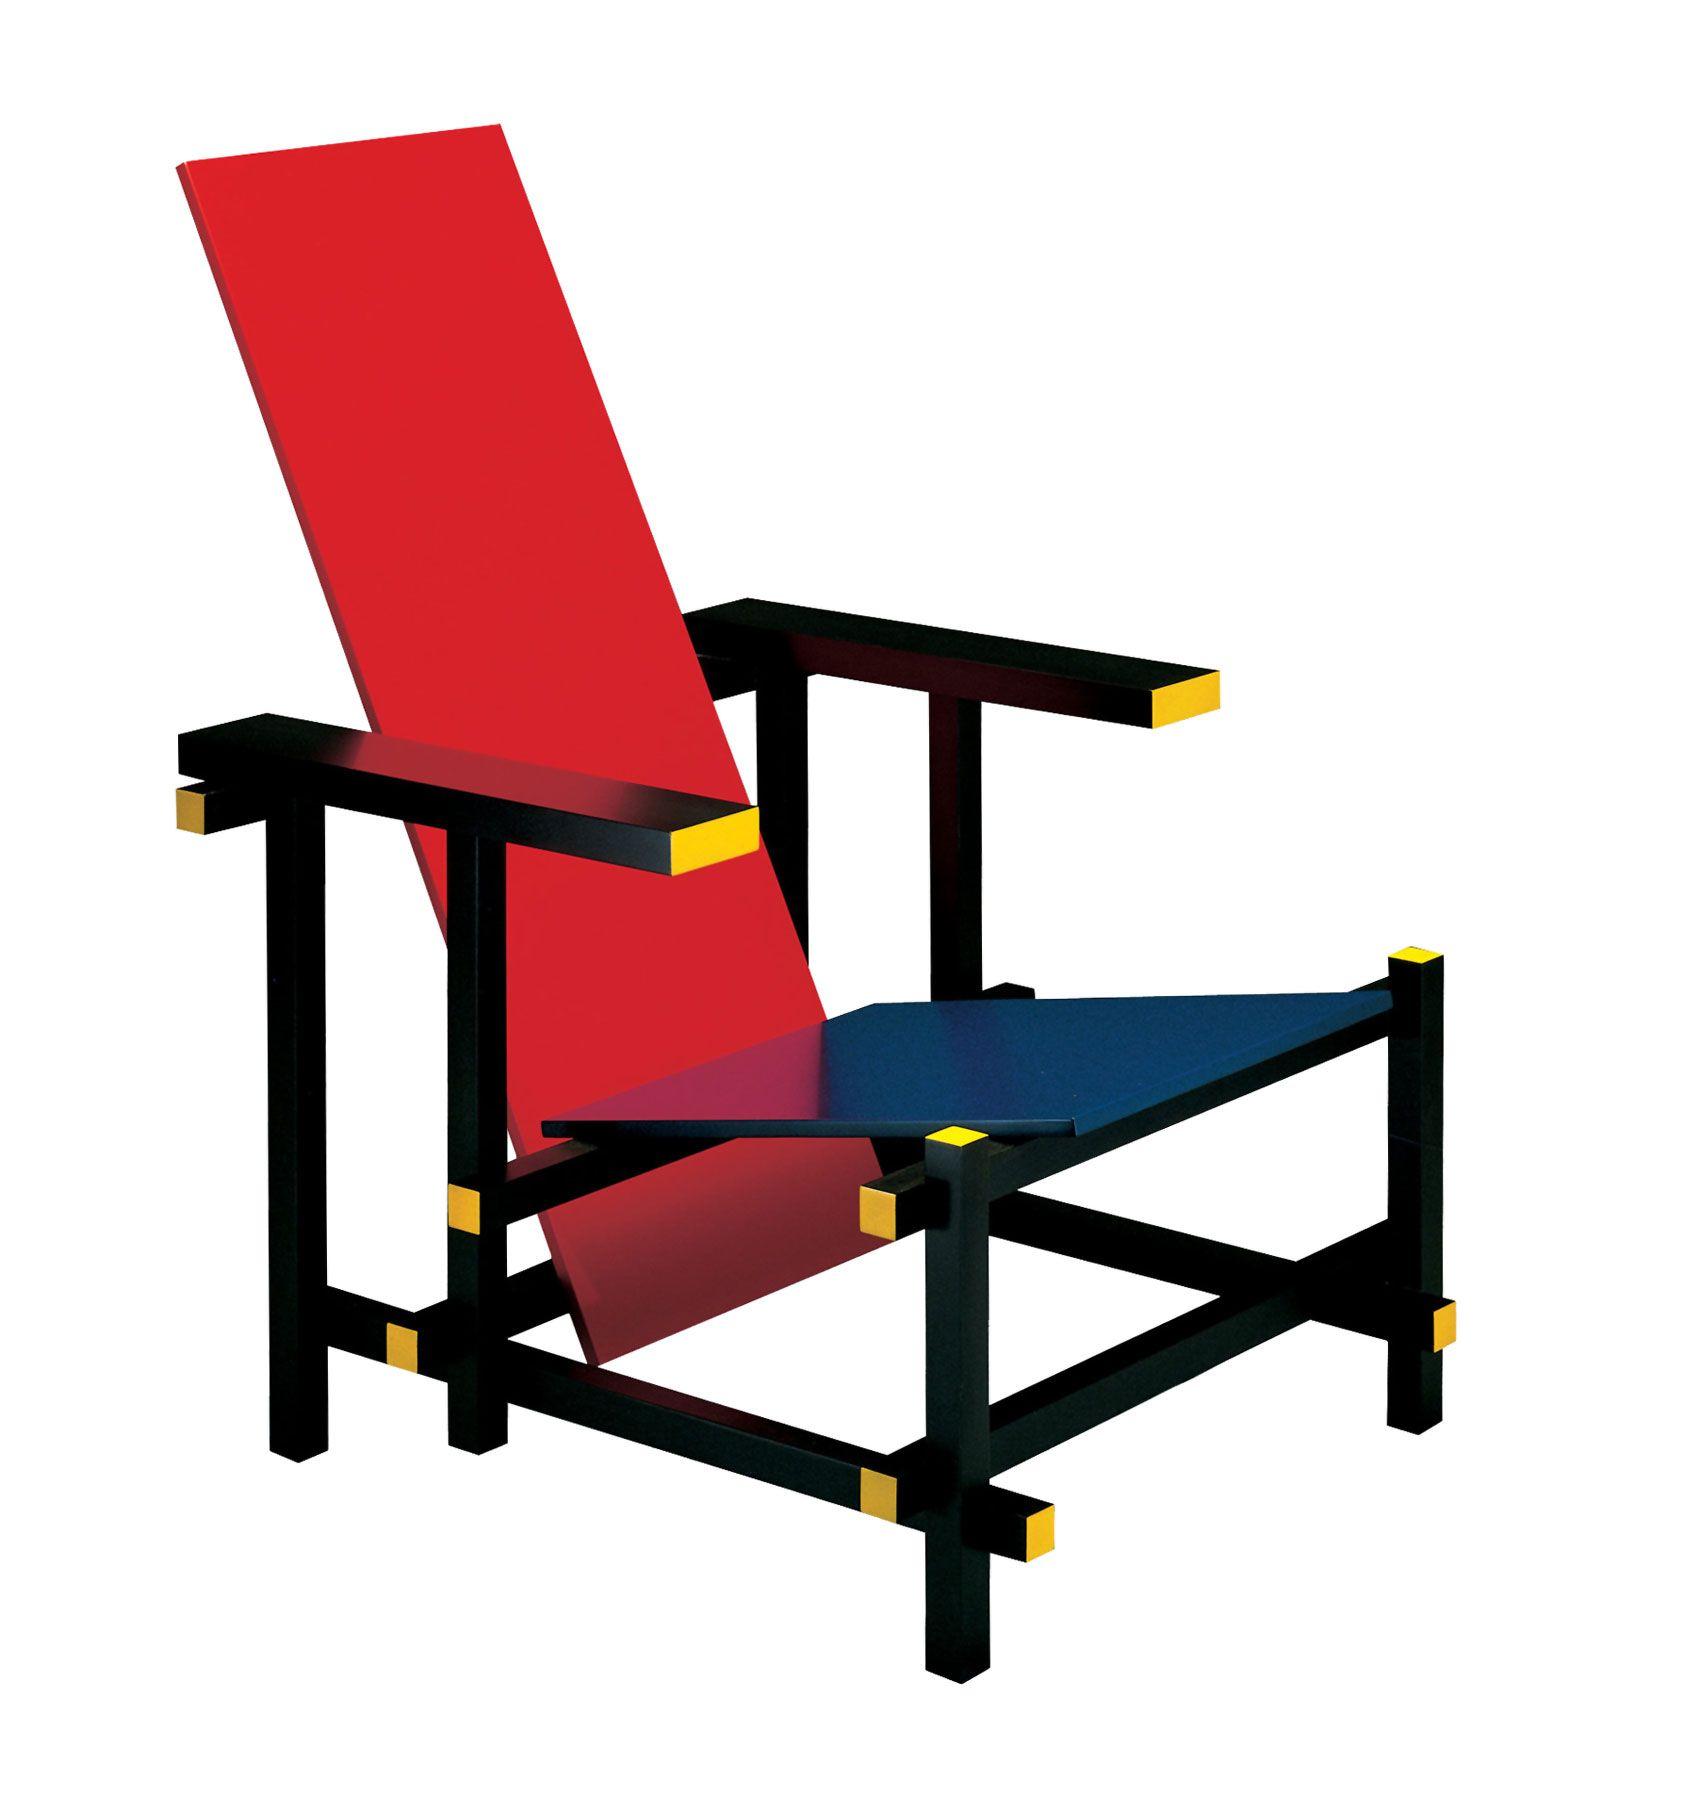 Nombre red blue chair arquitecto gerrit rietveld fecha for Muebles encantadores del pais elegante